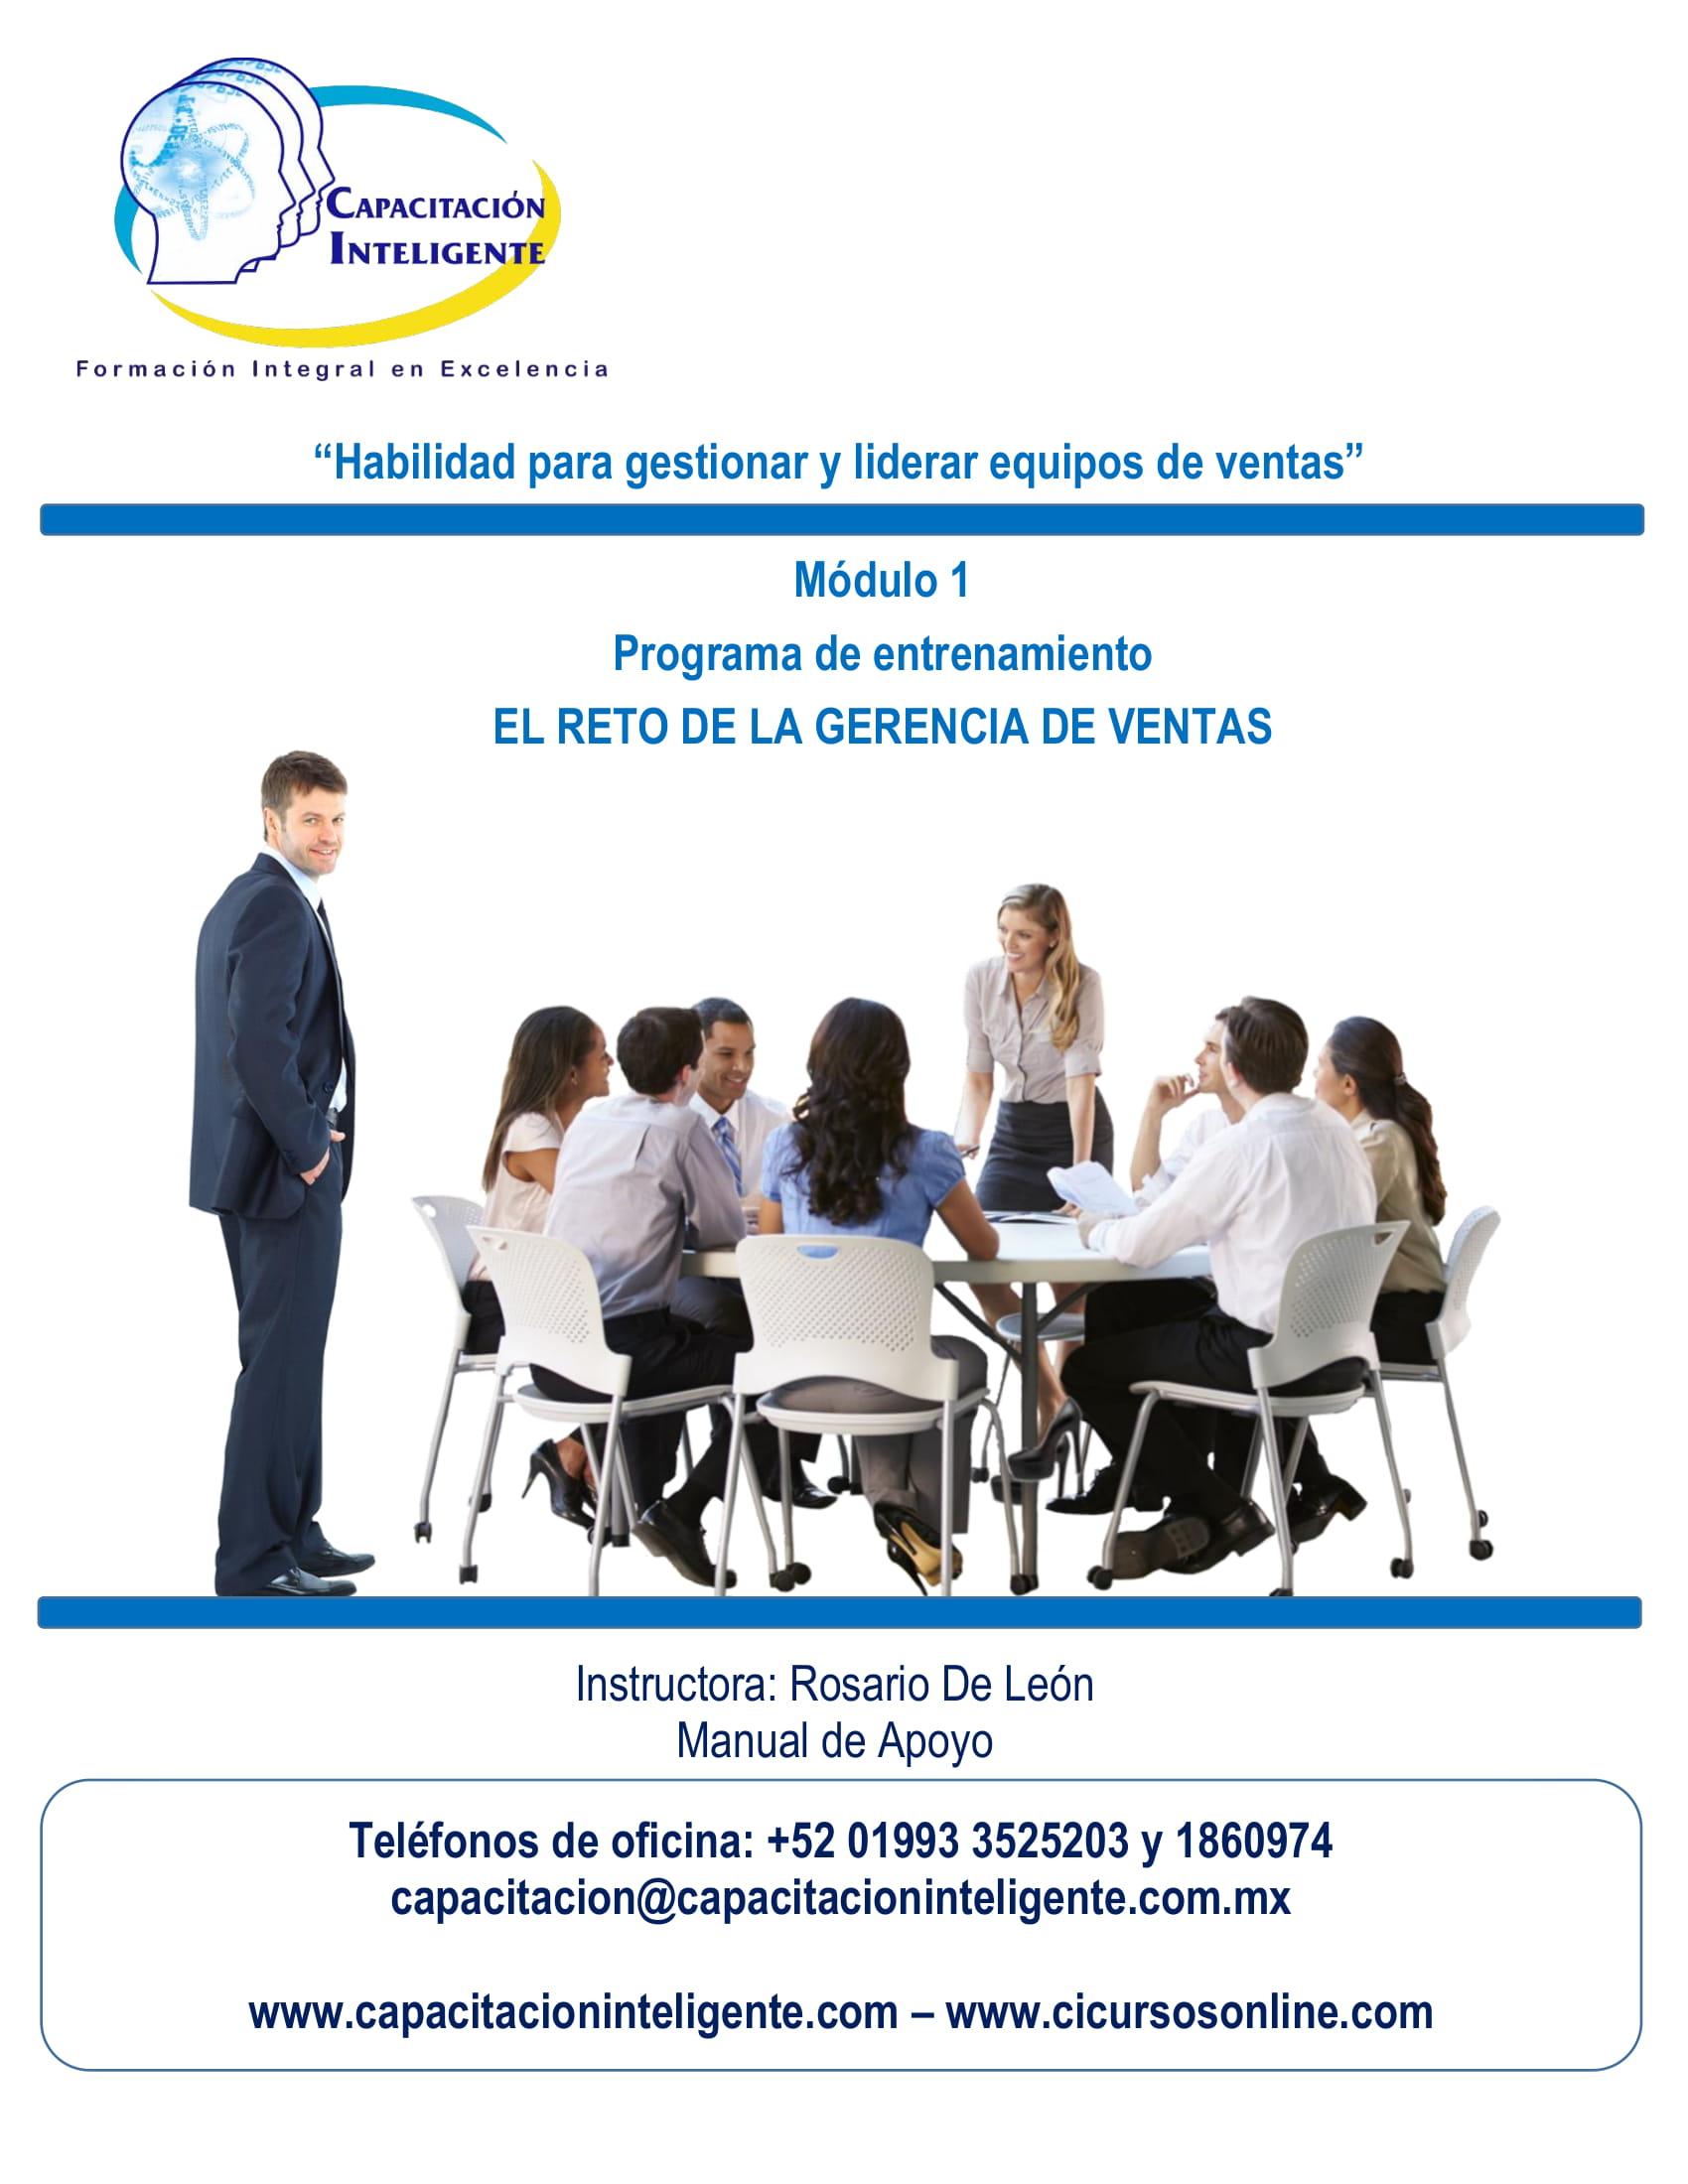 Cuaderno de Trabajo - Gestión y Liderazgo de equipos de ventas-01